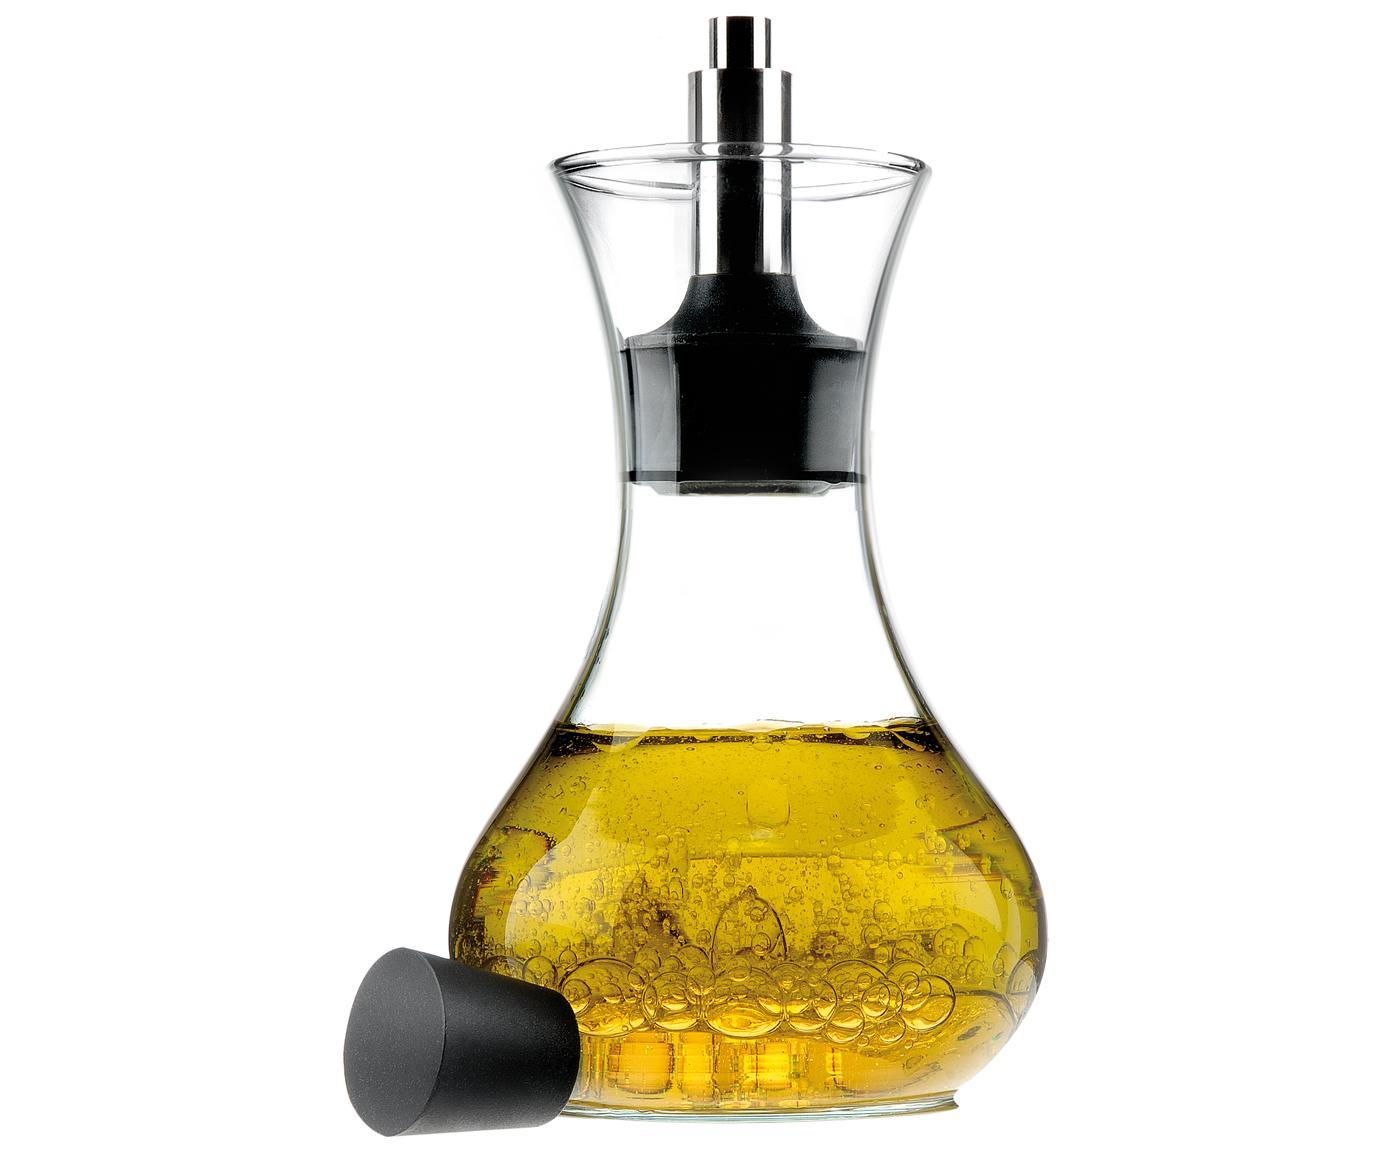 Dressing shaker Eva Solo, Glas, edelstaal, kunststof, Transparant, zwart, edelstaalkleurig, 250 ml